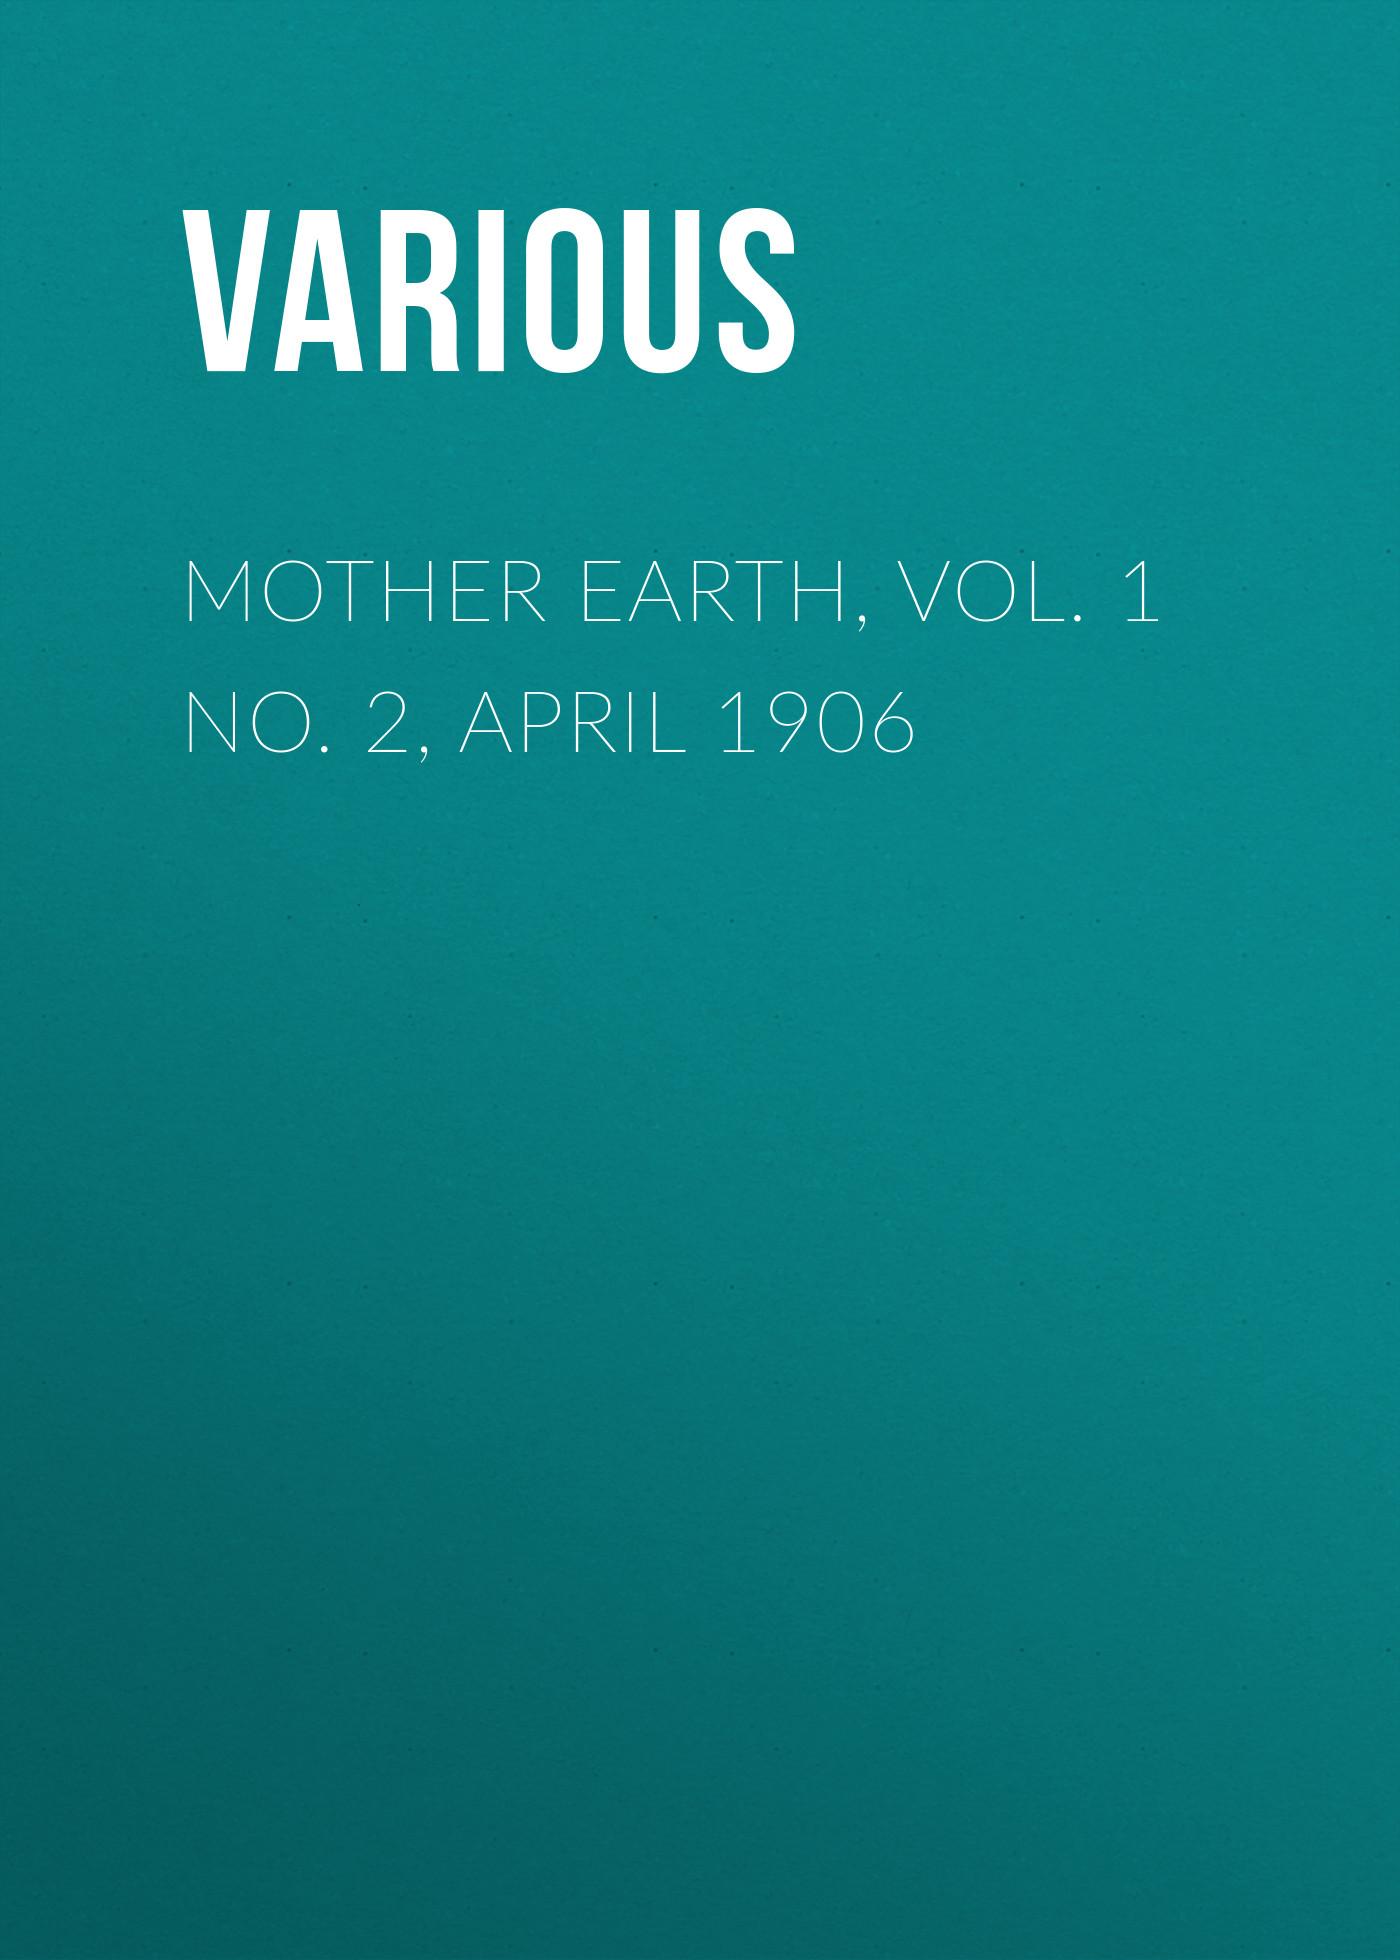 Mother Earth, Vol. 1 No. 2, April 1906 ( Various  )